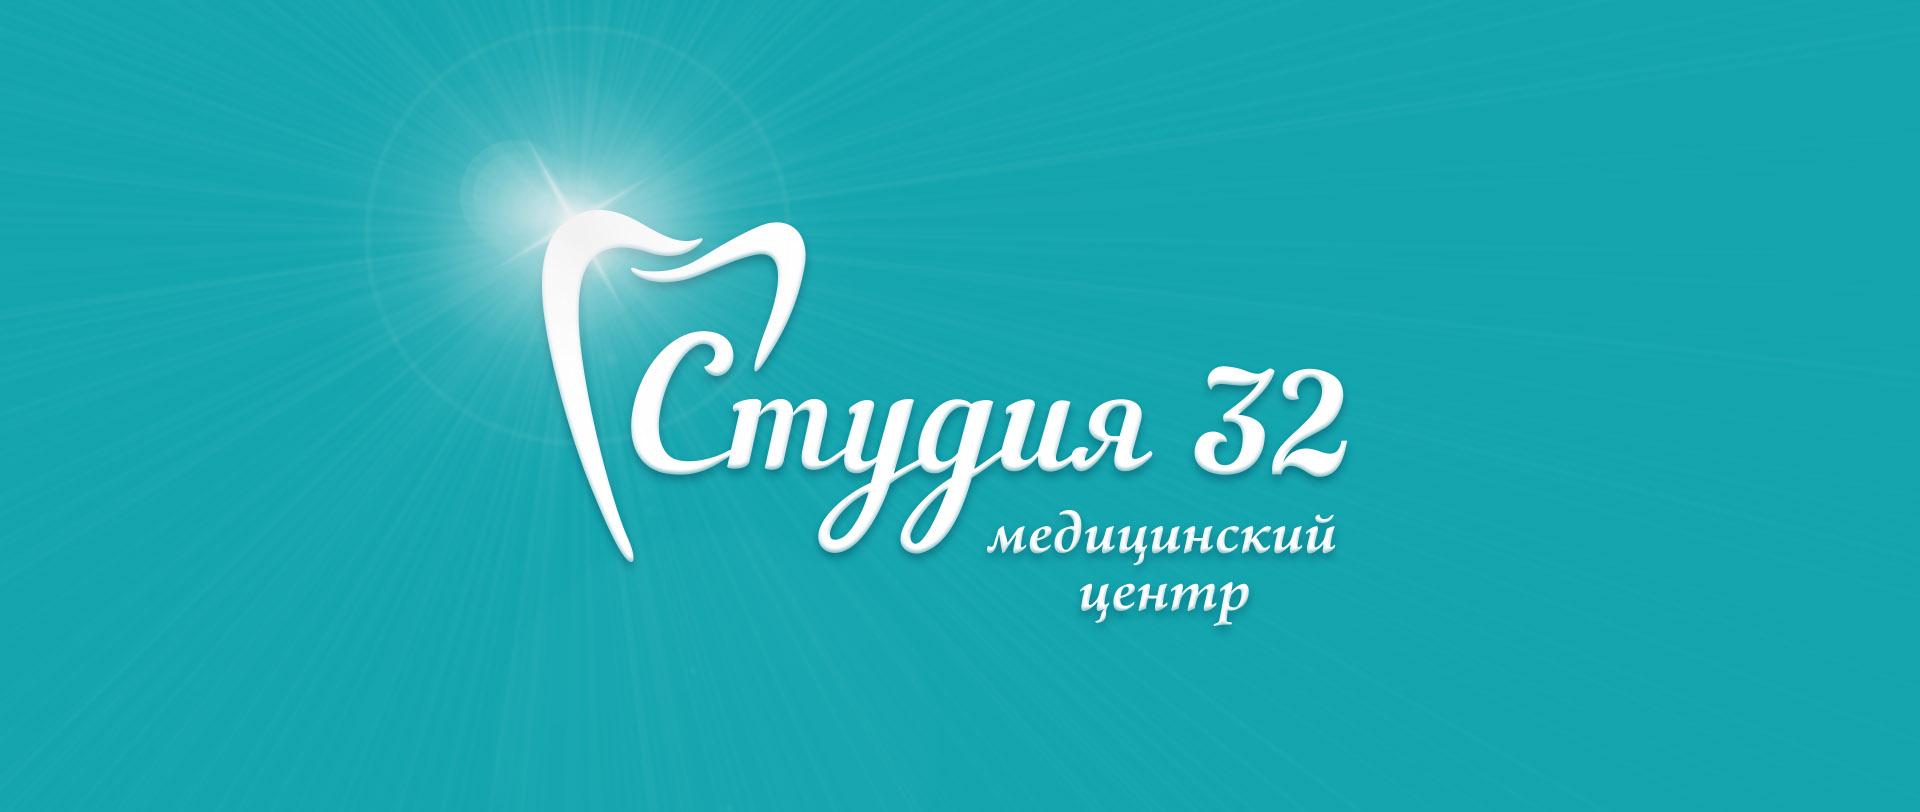 Дизайн логотипа для стоматологии